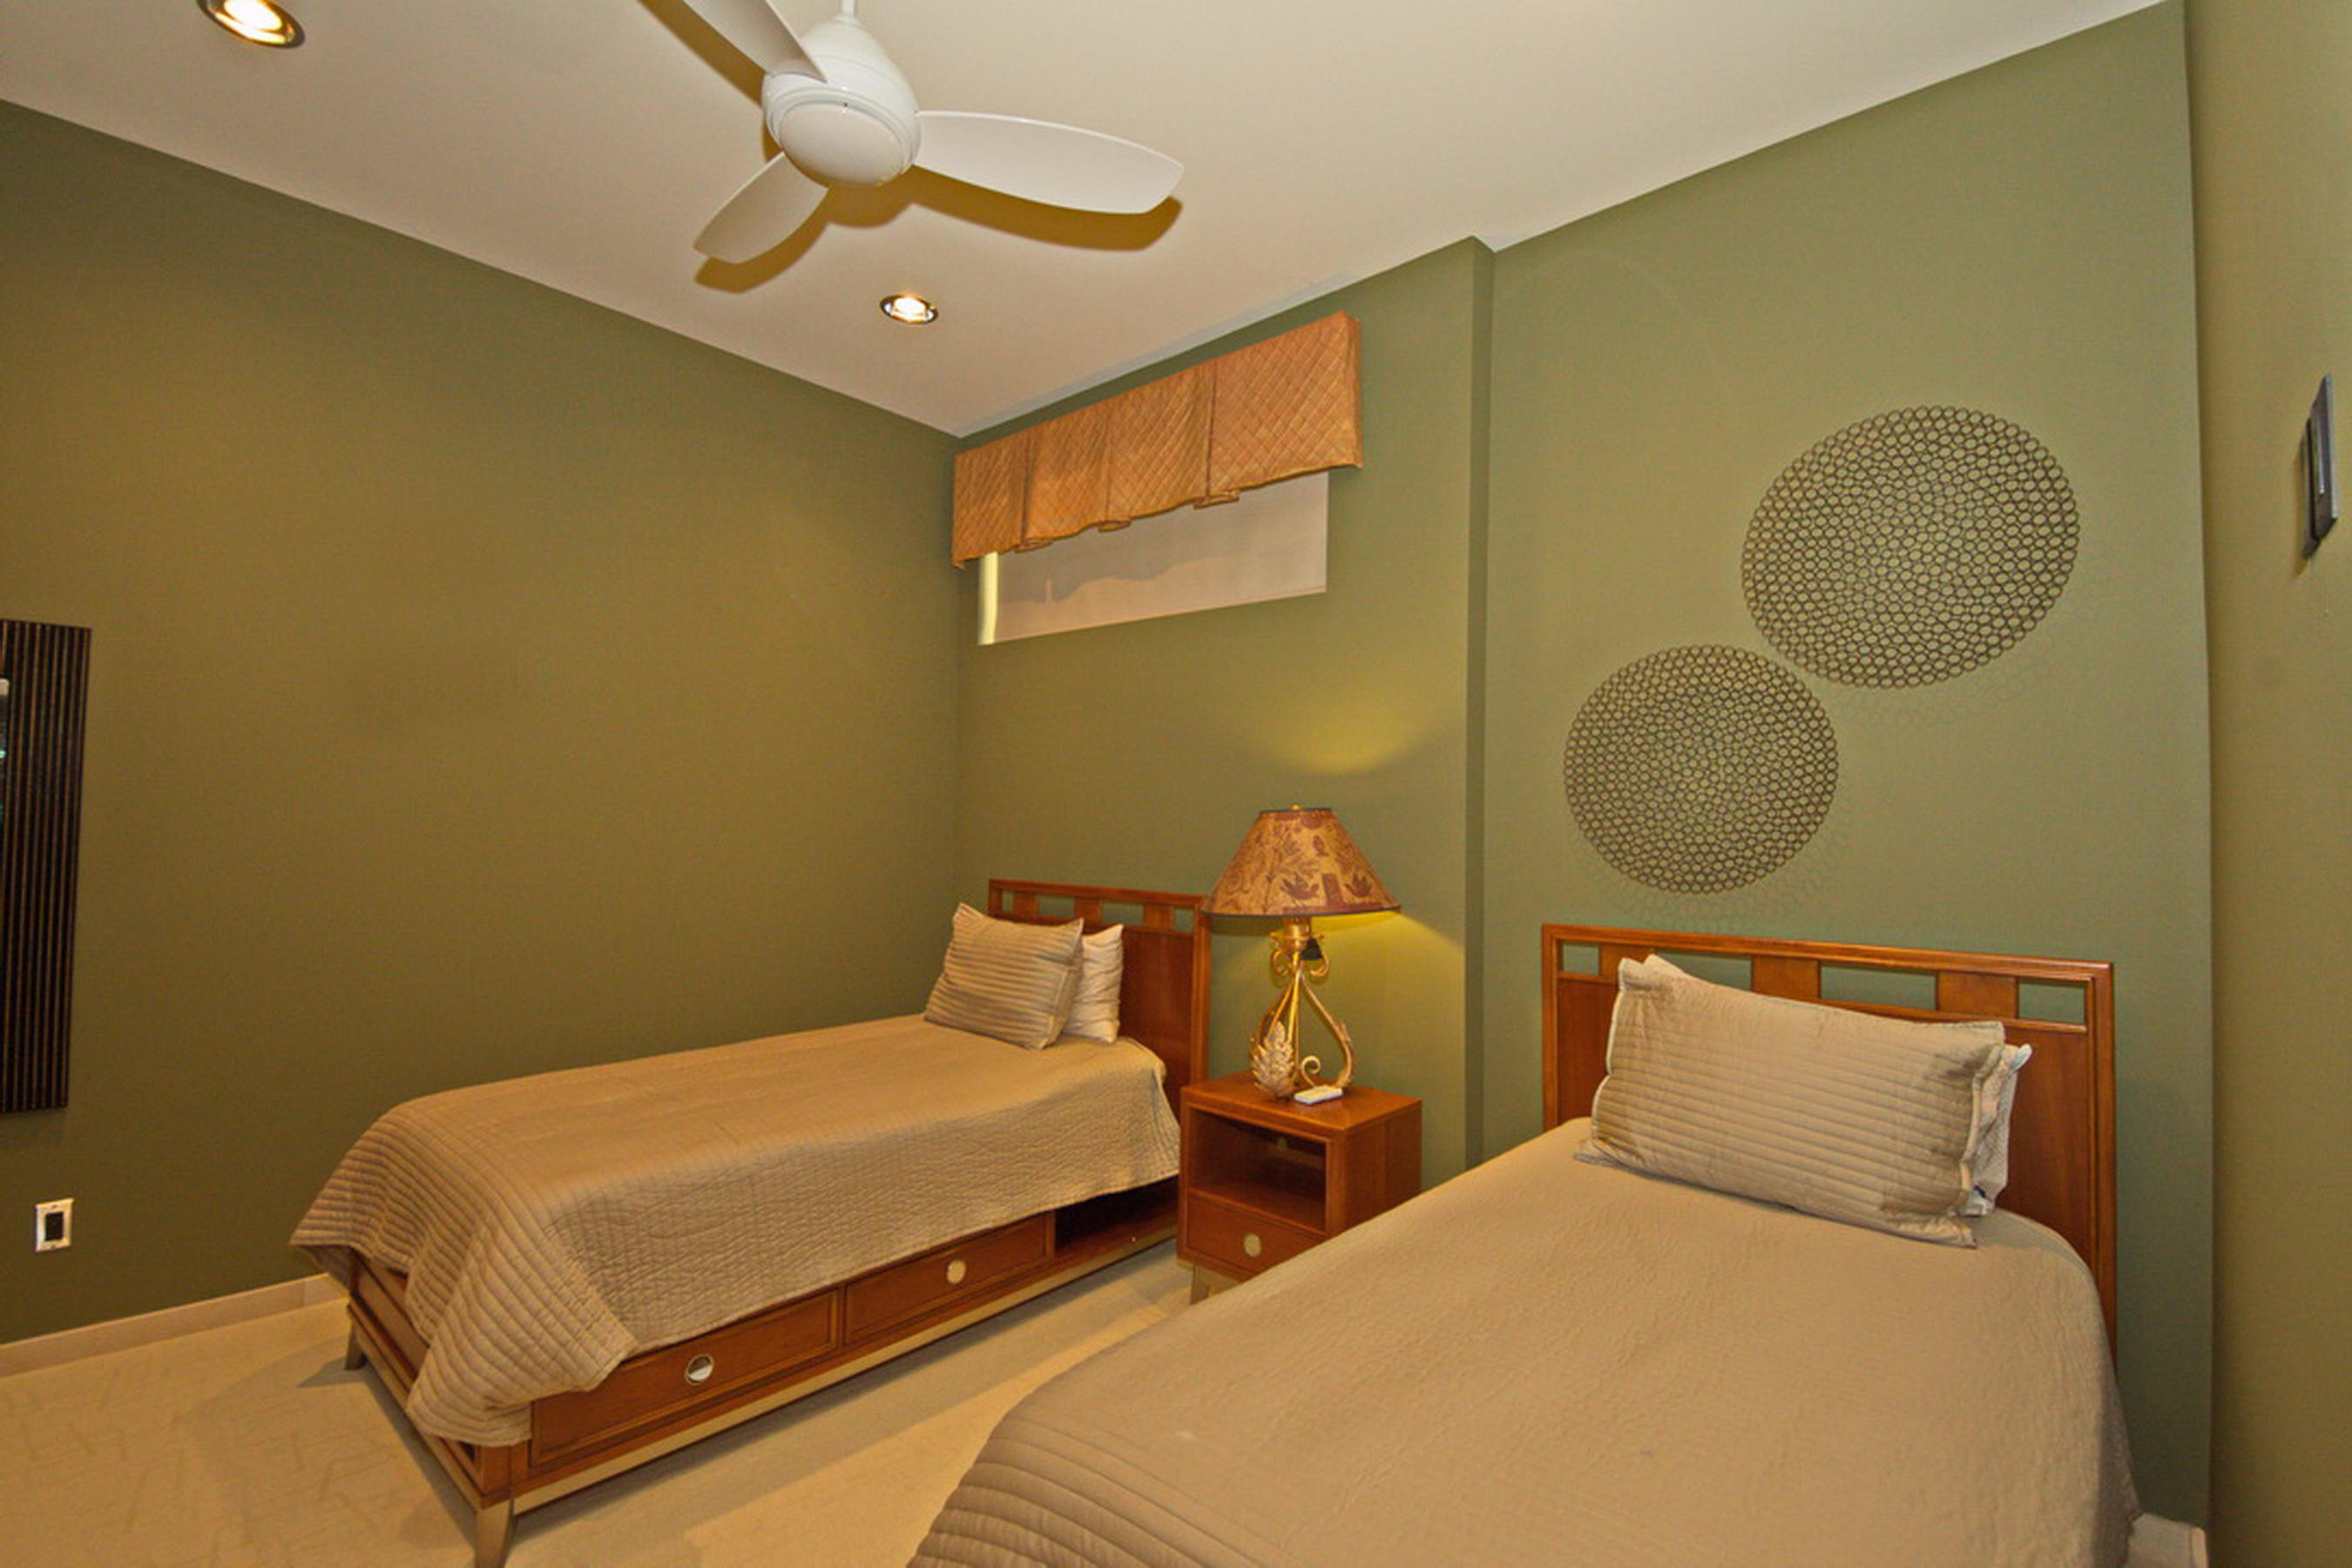 30-Ll Guest Bed Room